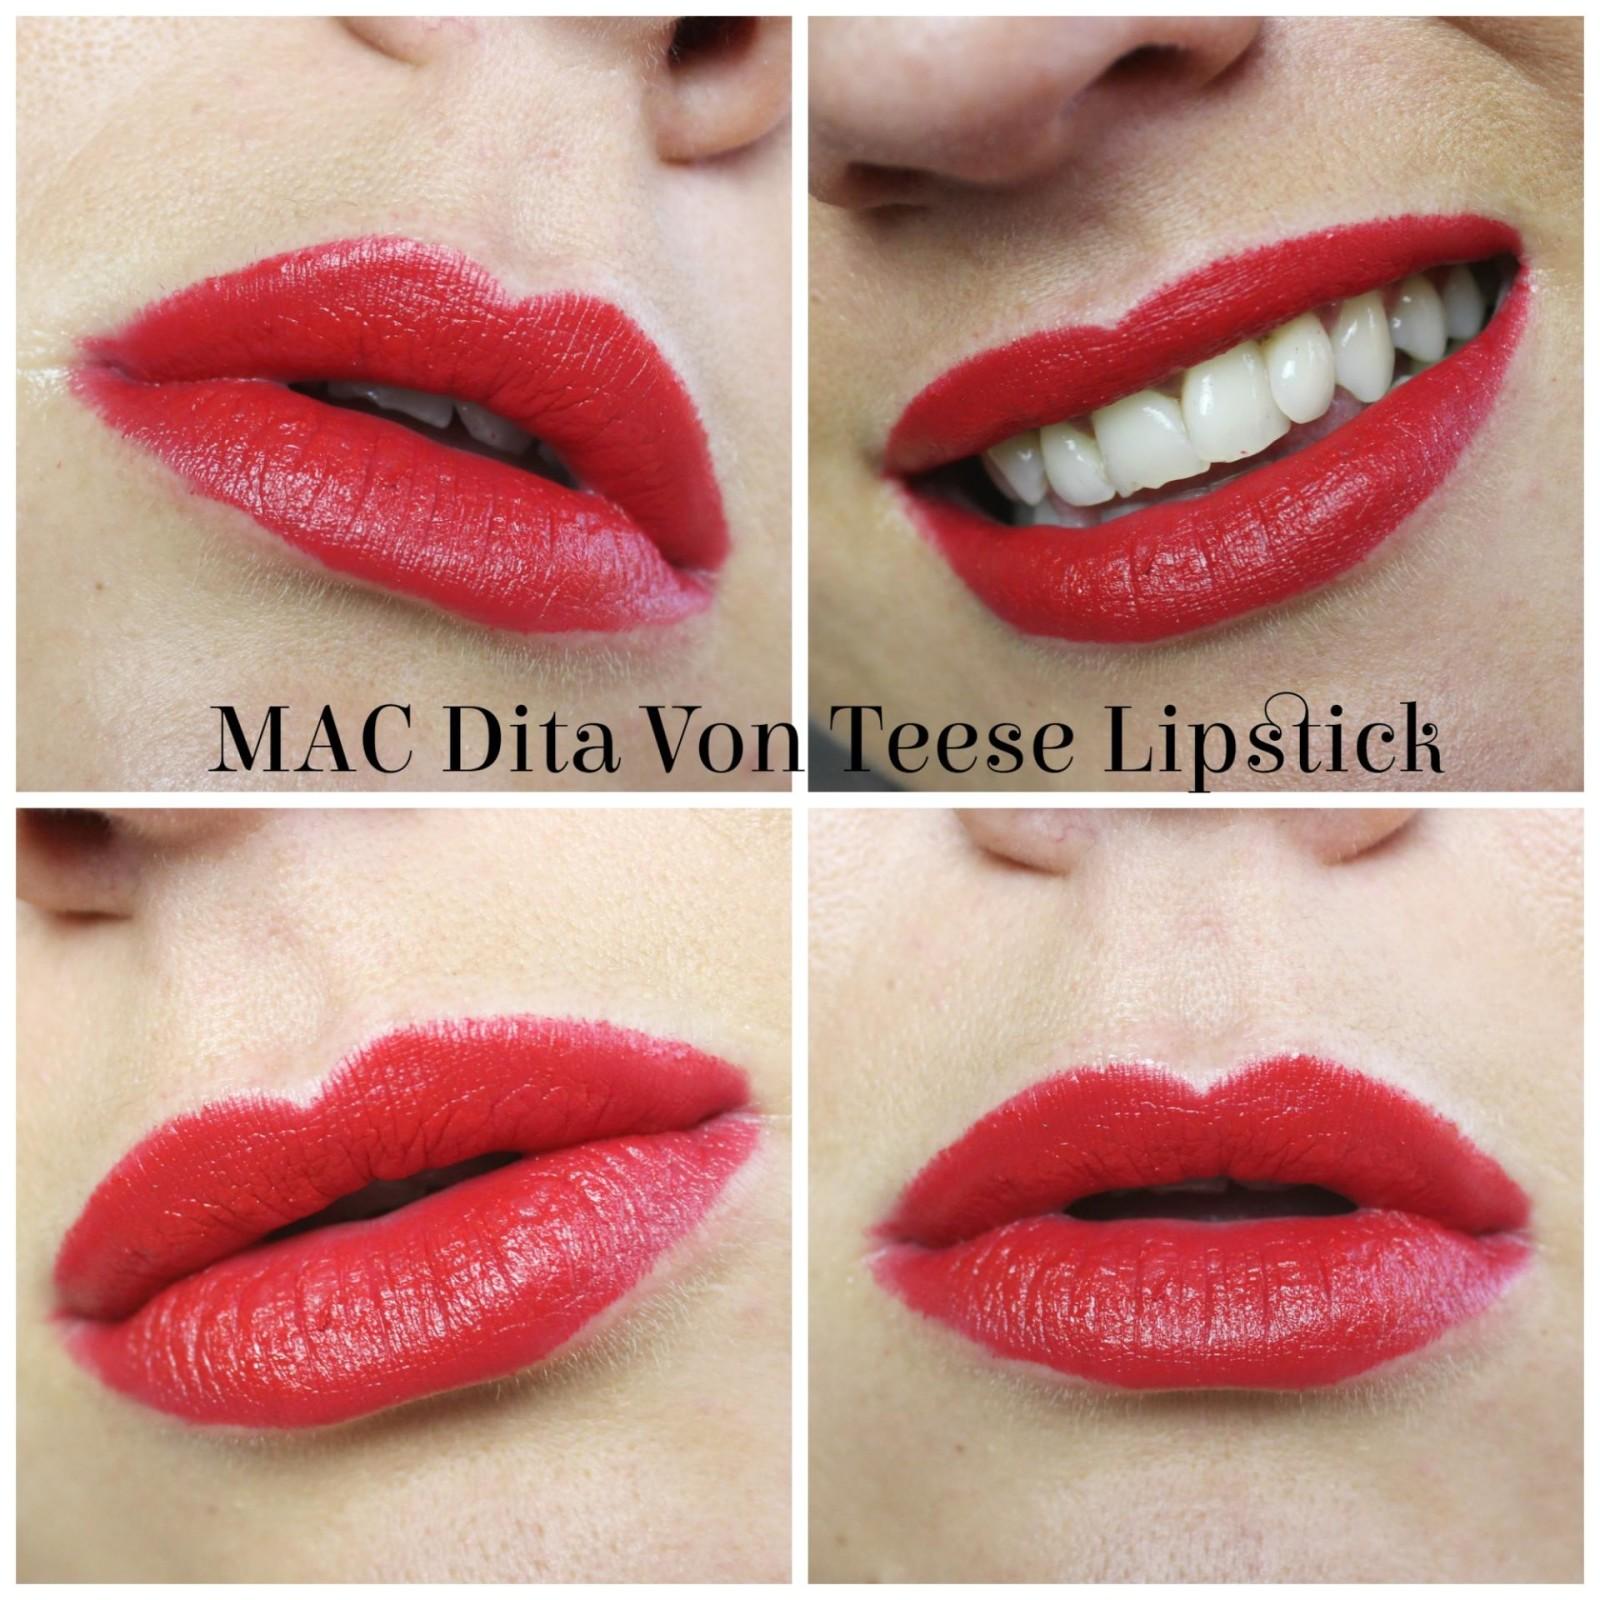 Dita Von Teese MAC Lipstick Von Teese